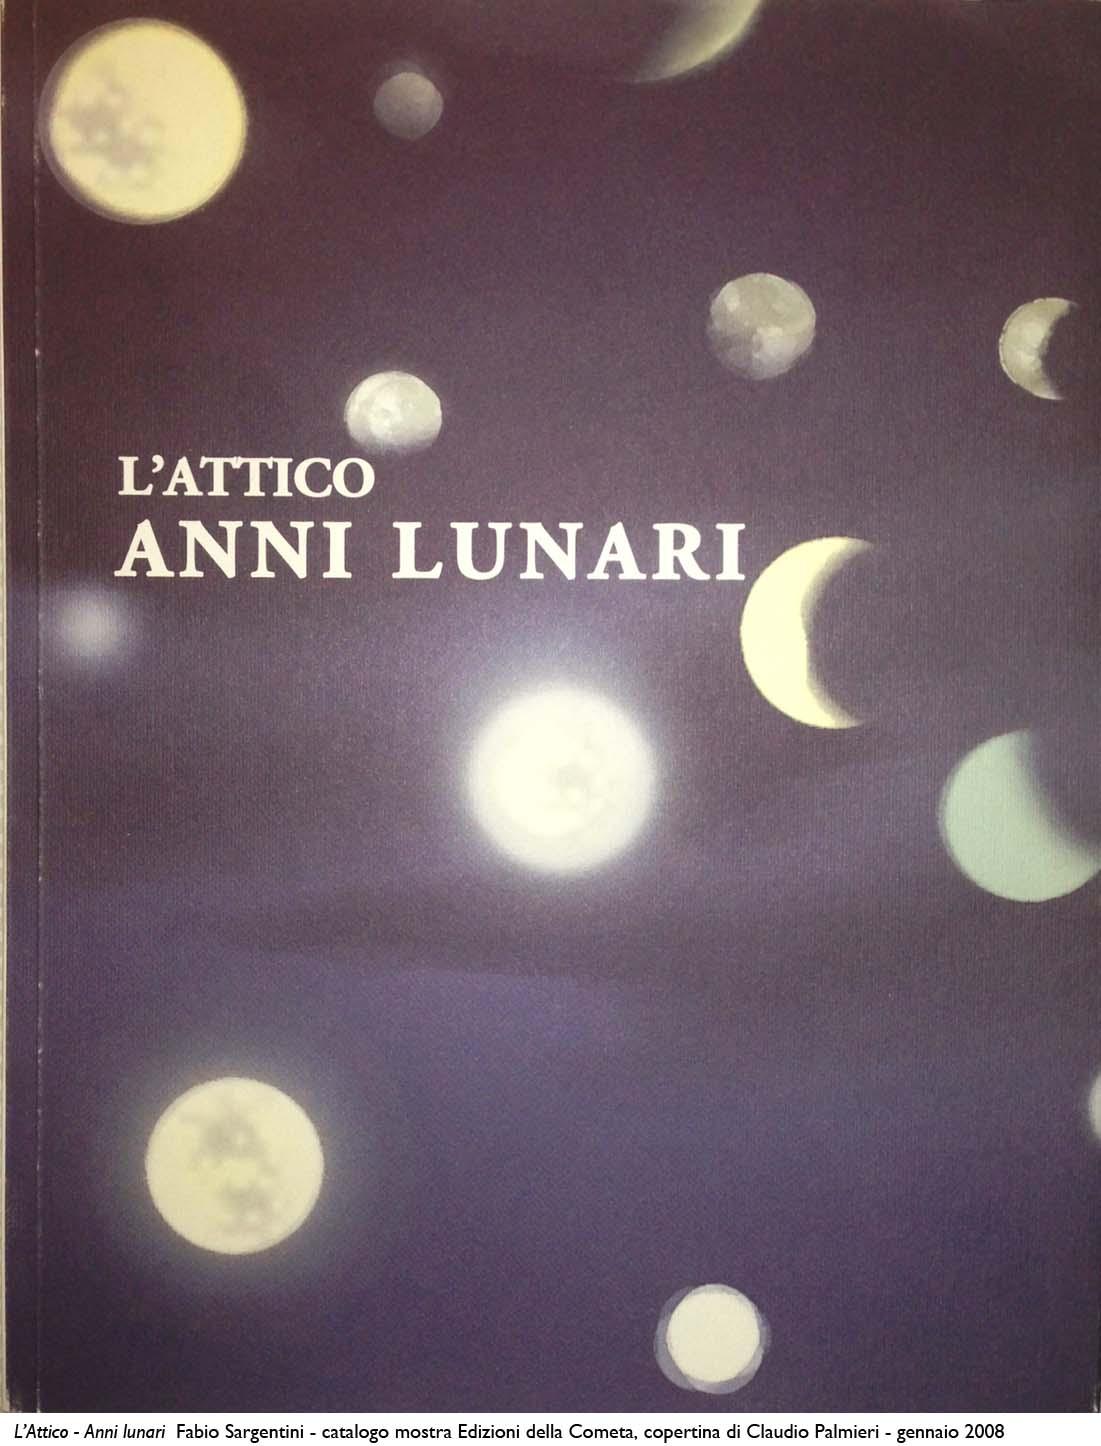 L'Attico Anni lunari - Fabio Sargentini_2008